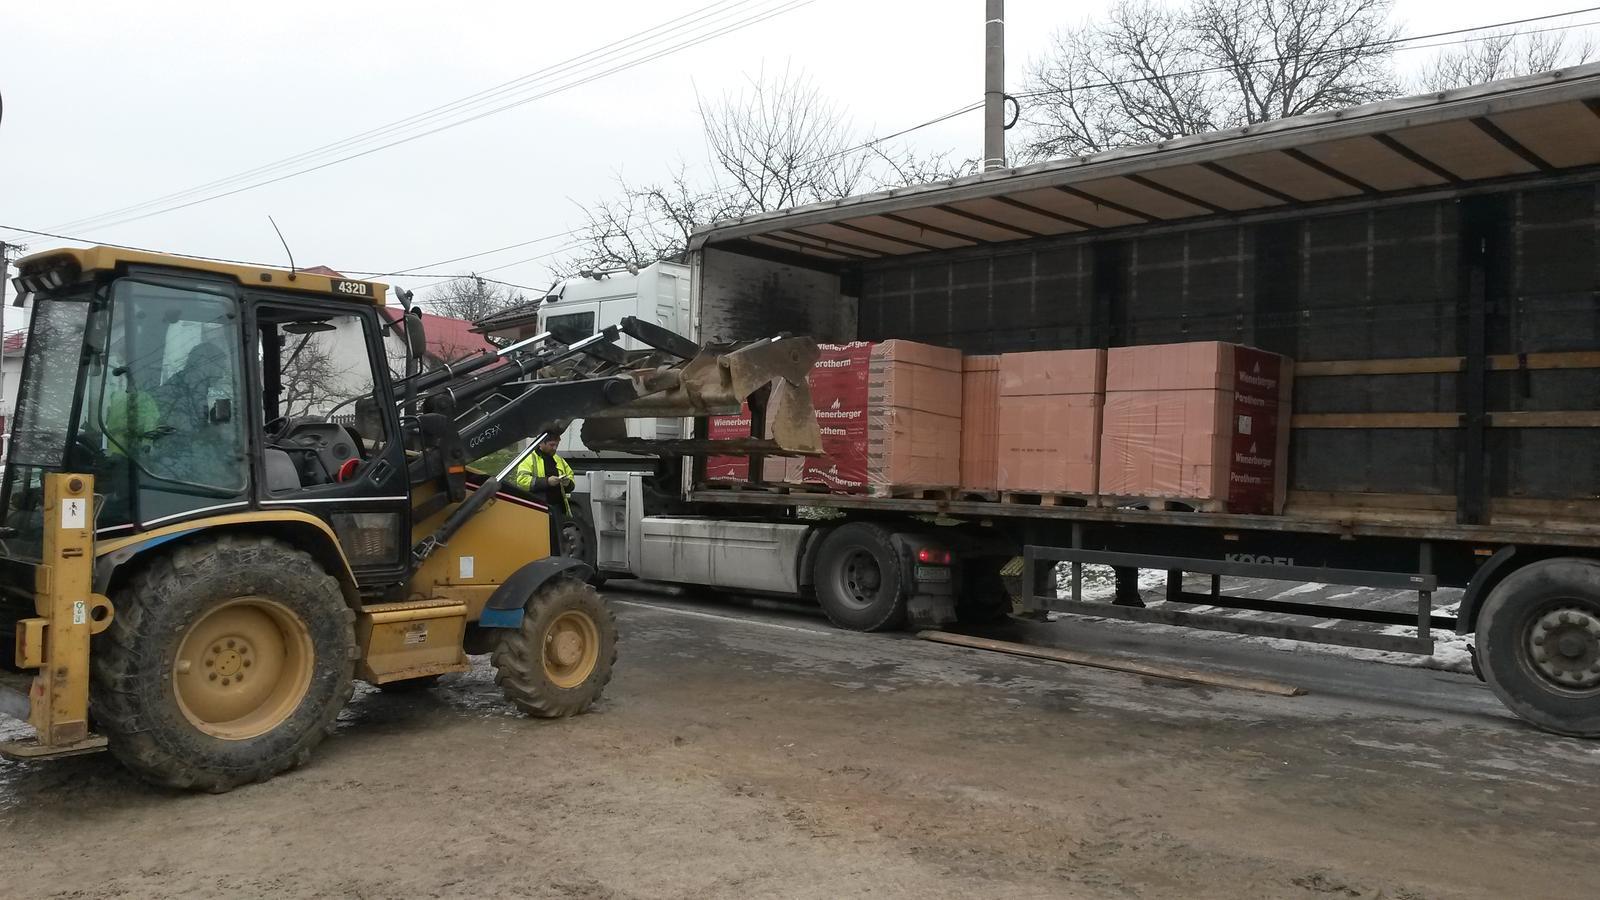 Dom - prisiel iny kamion ako mal.. a tak sa vykladalo na cestu...  namiesto hodinovky pol dna robotka...